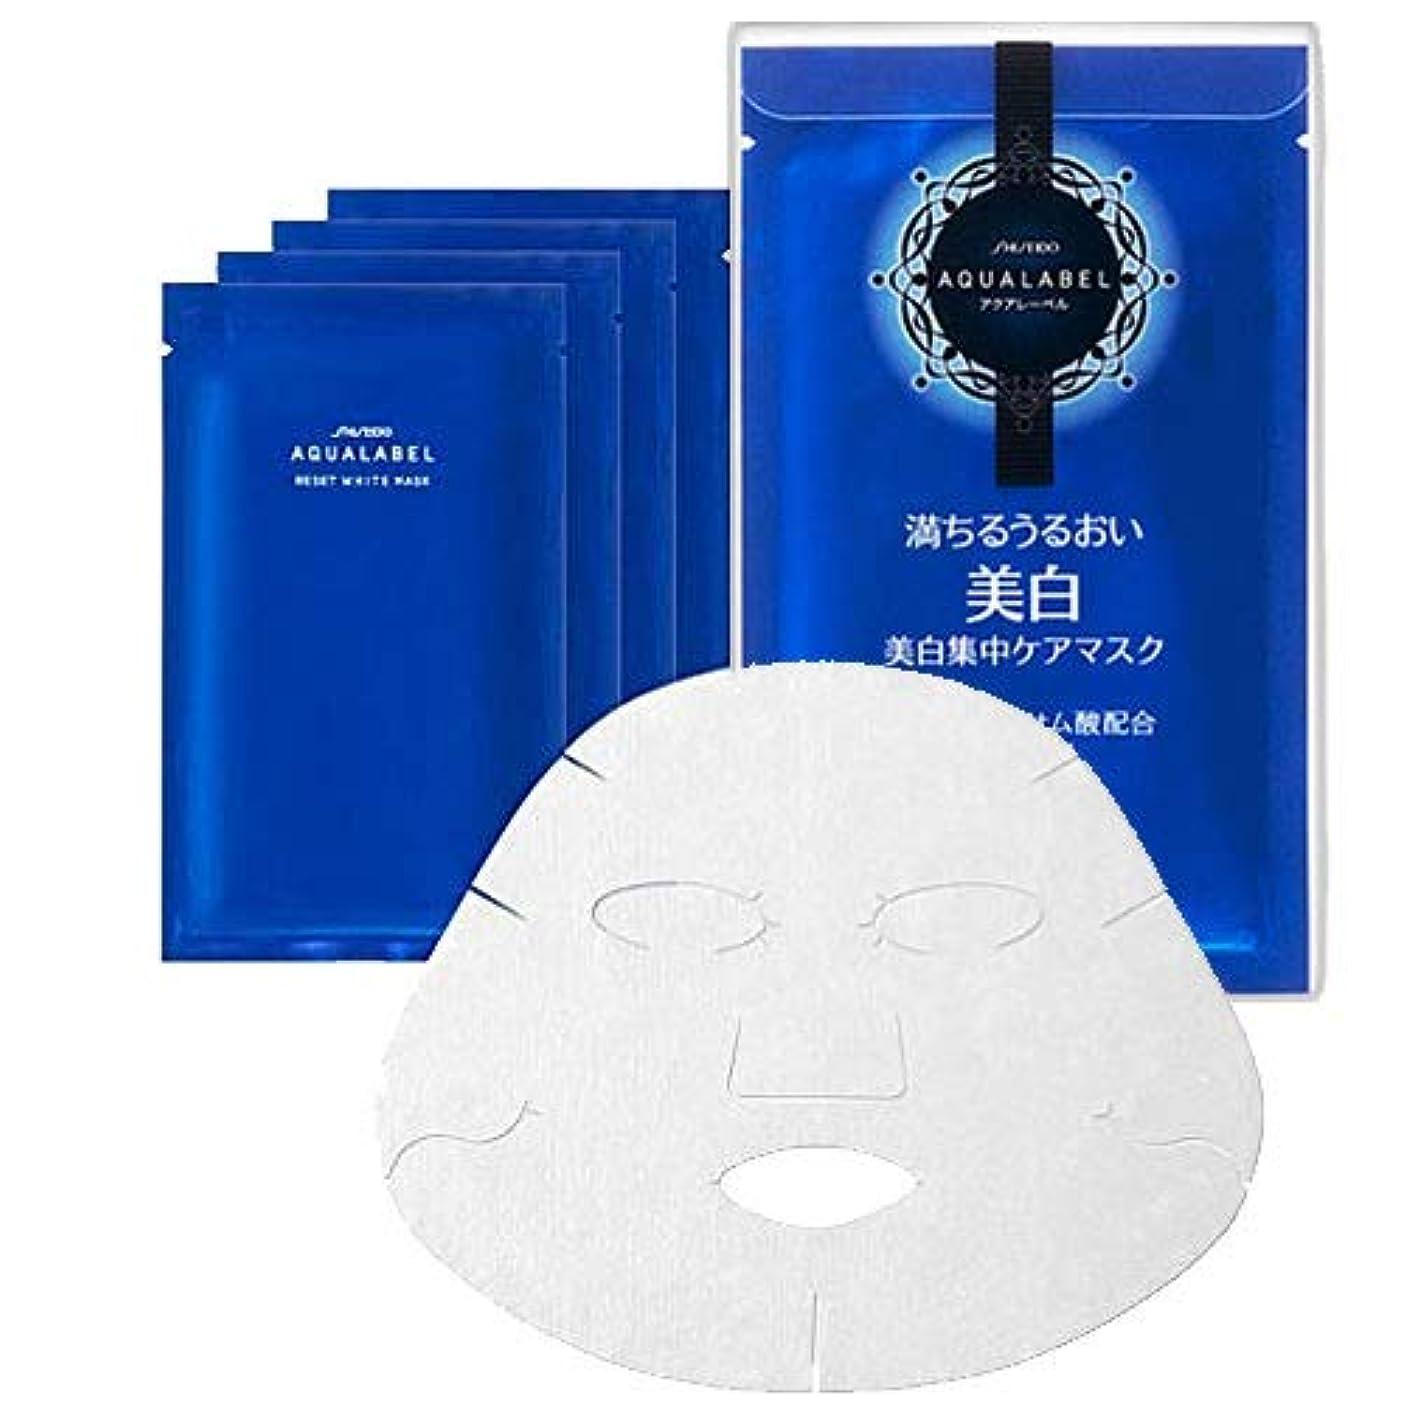 変成器宣伝トラクター資生堂 SHISEIDO アクアレーベル リセットホワイトマスク(4枚入り) 4枚x18ml [並行輸入品]